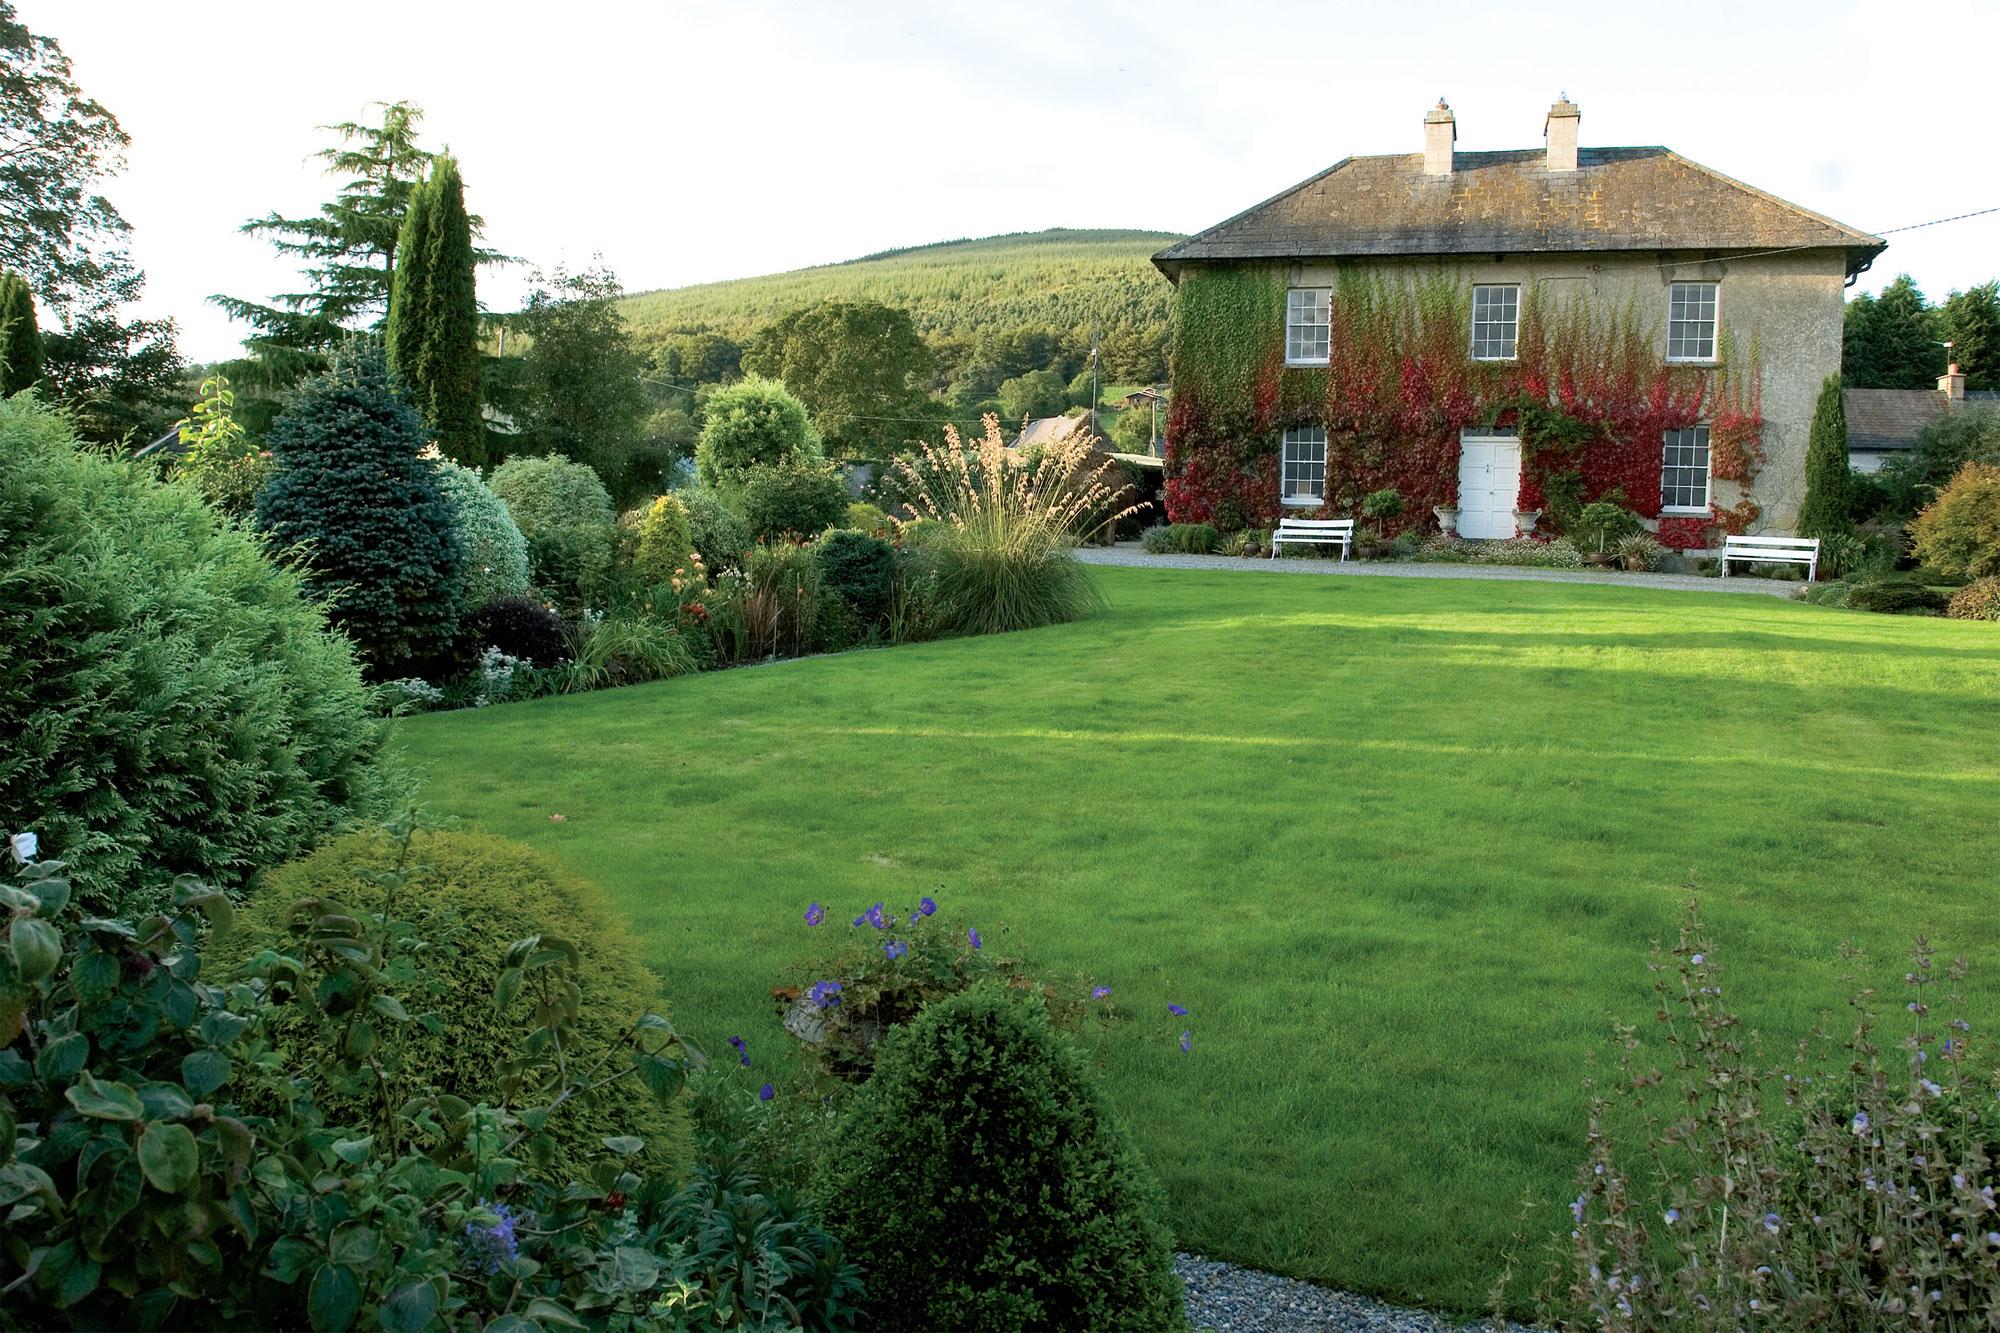 Avointa tilaa on hyvä olla joka puutarhassa. Laaja nurmikko tuo väljyyttä ja tilantuntua.